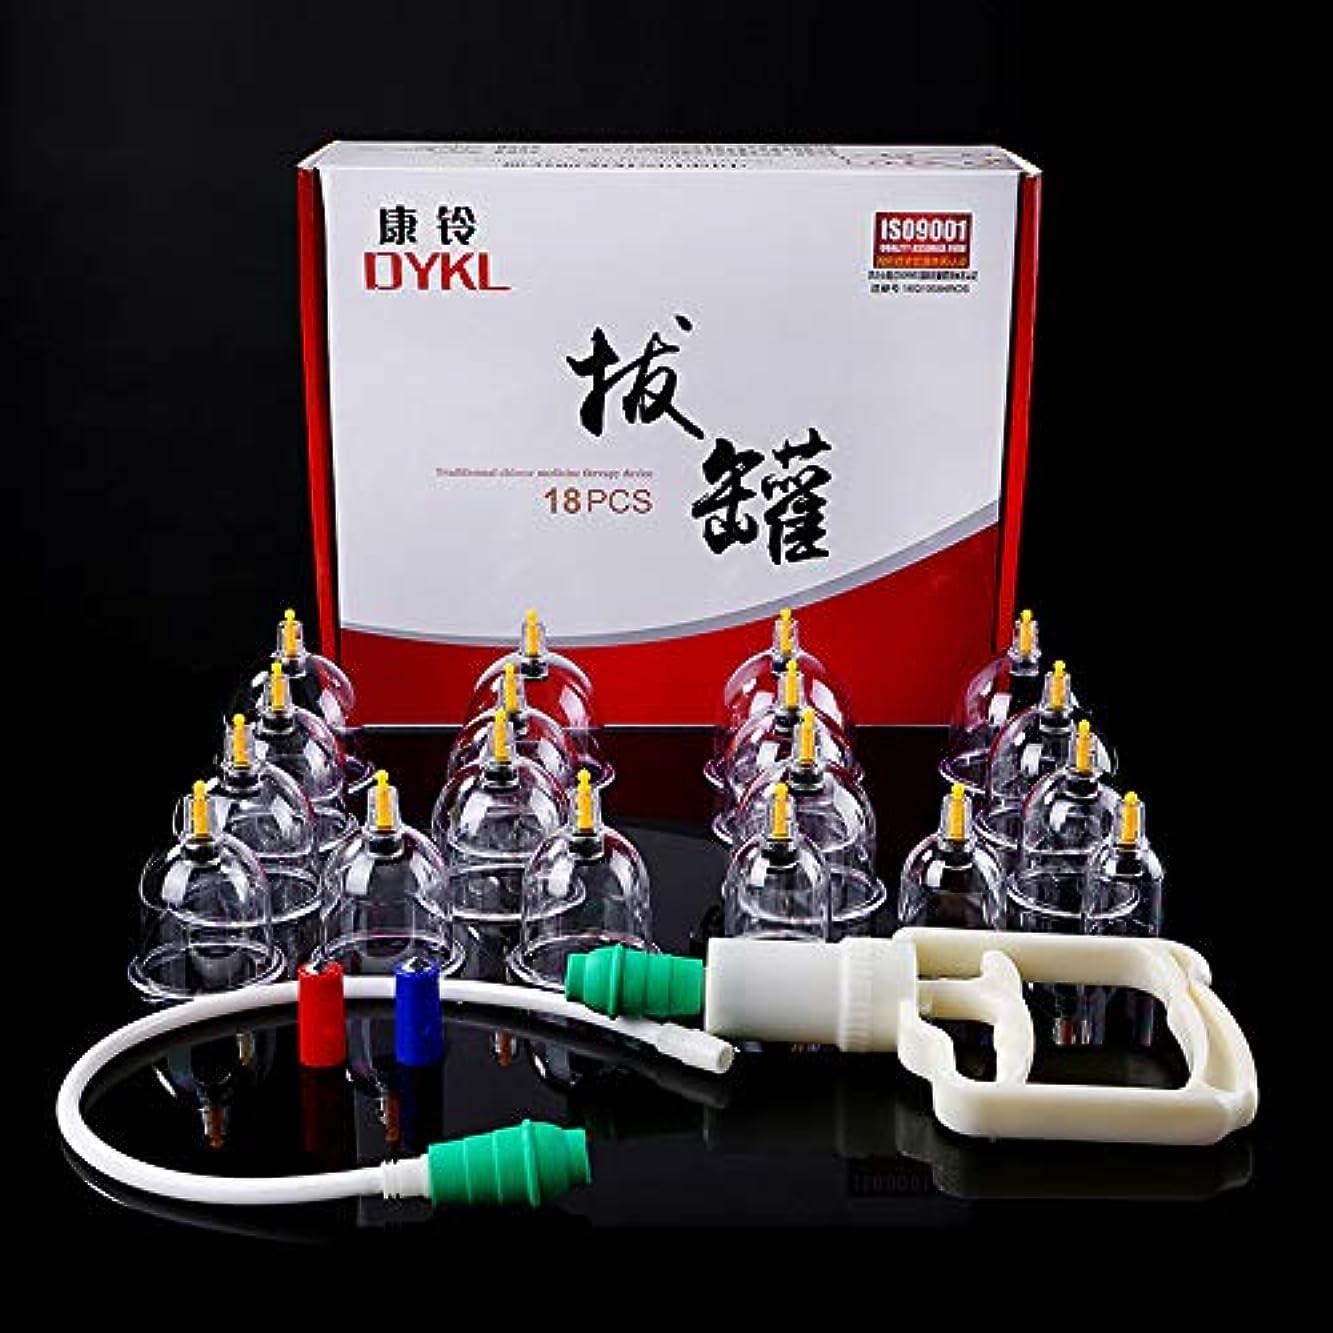 備品積分愛するホーム中国製カッピング装置、背中/首の痛み/体重減少/筋肉の解放のためのポンピングハンドル付きの12個の真空吸引カップ